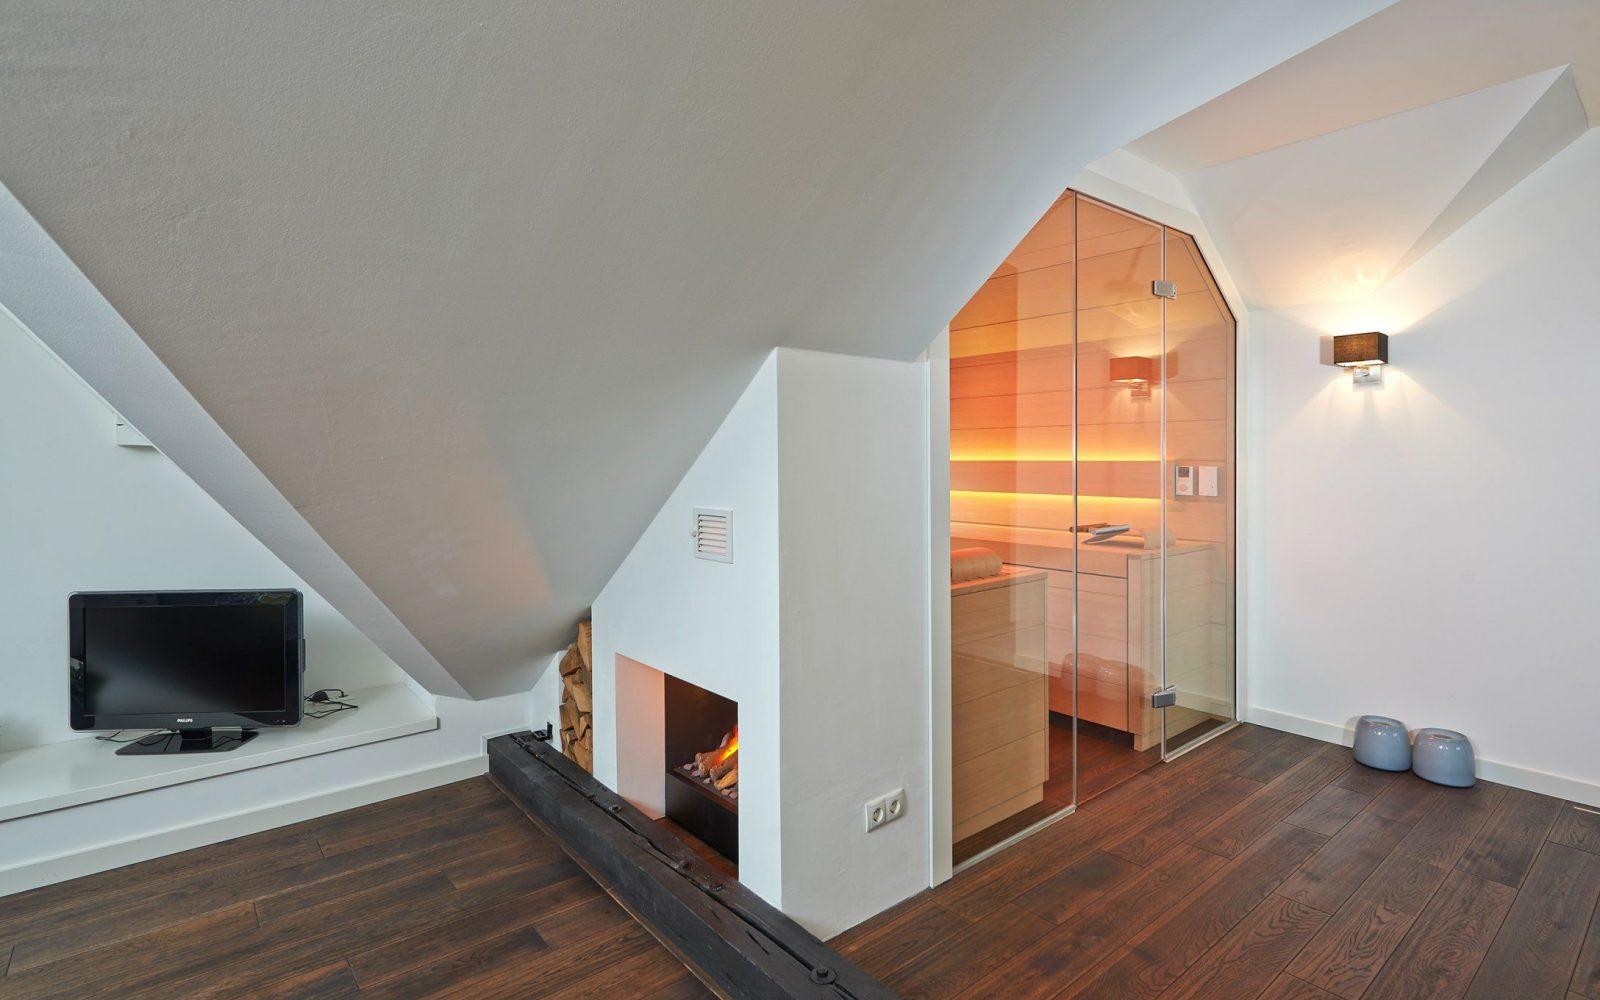 Klafs Maßanfertigung Einer Sauna Nach Ihrem Wunsch von Sauna Im Keller Bauen Bild